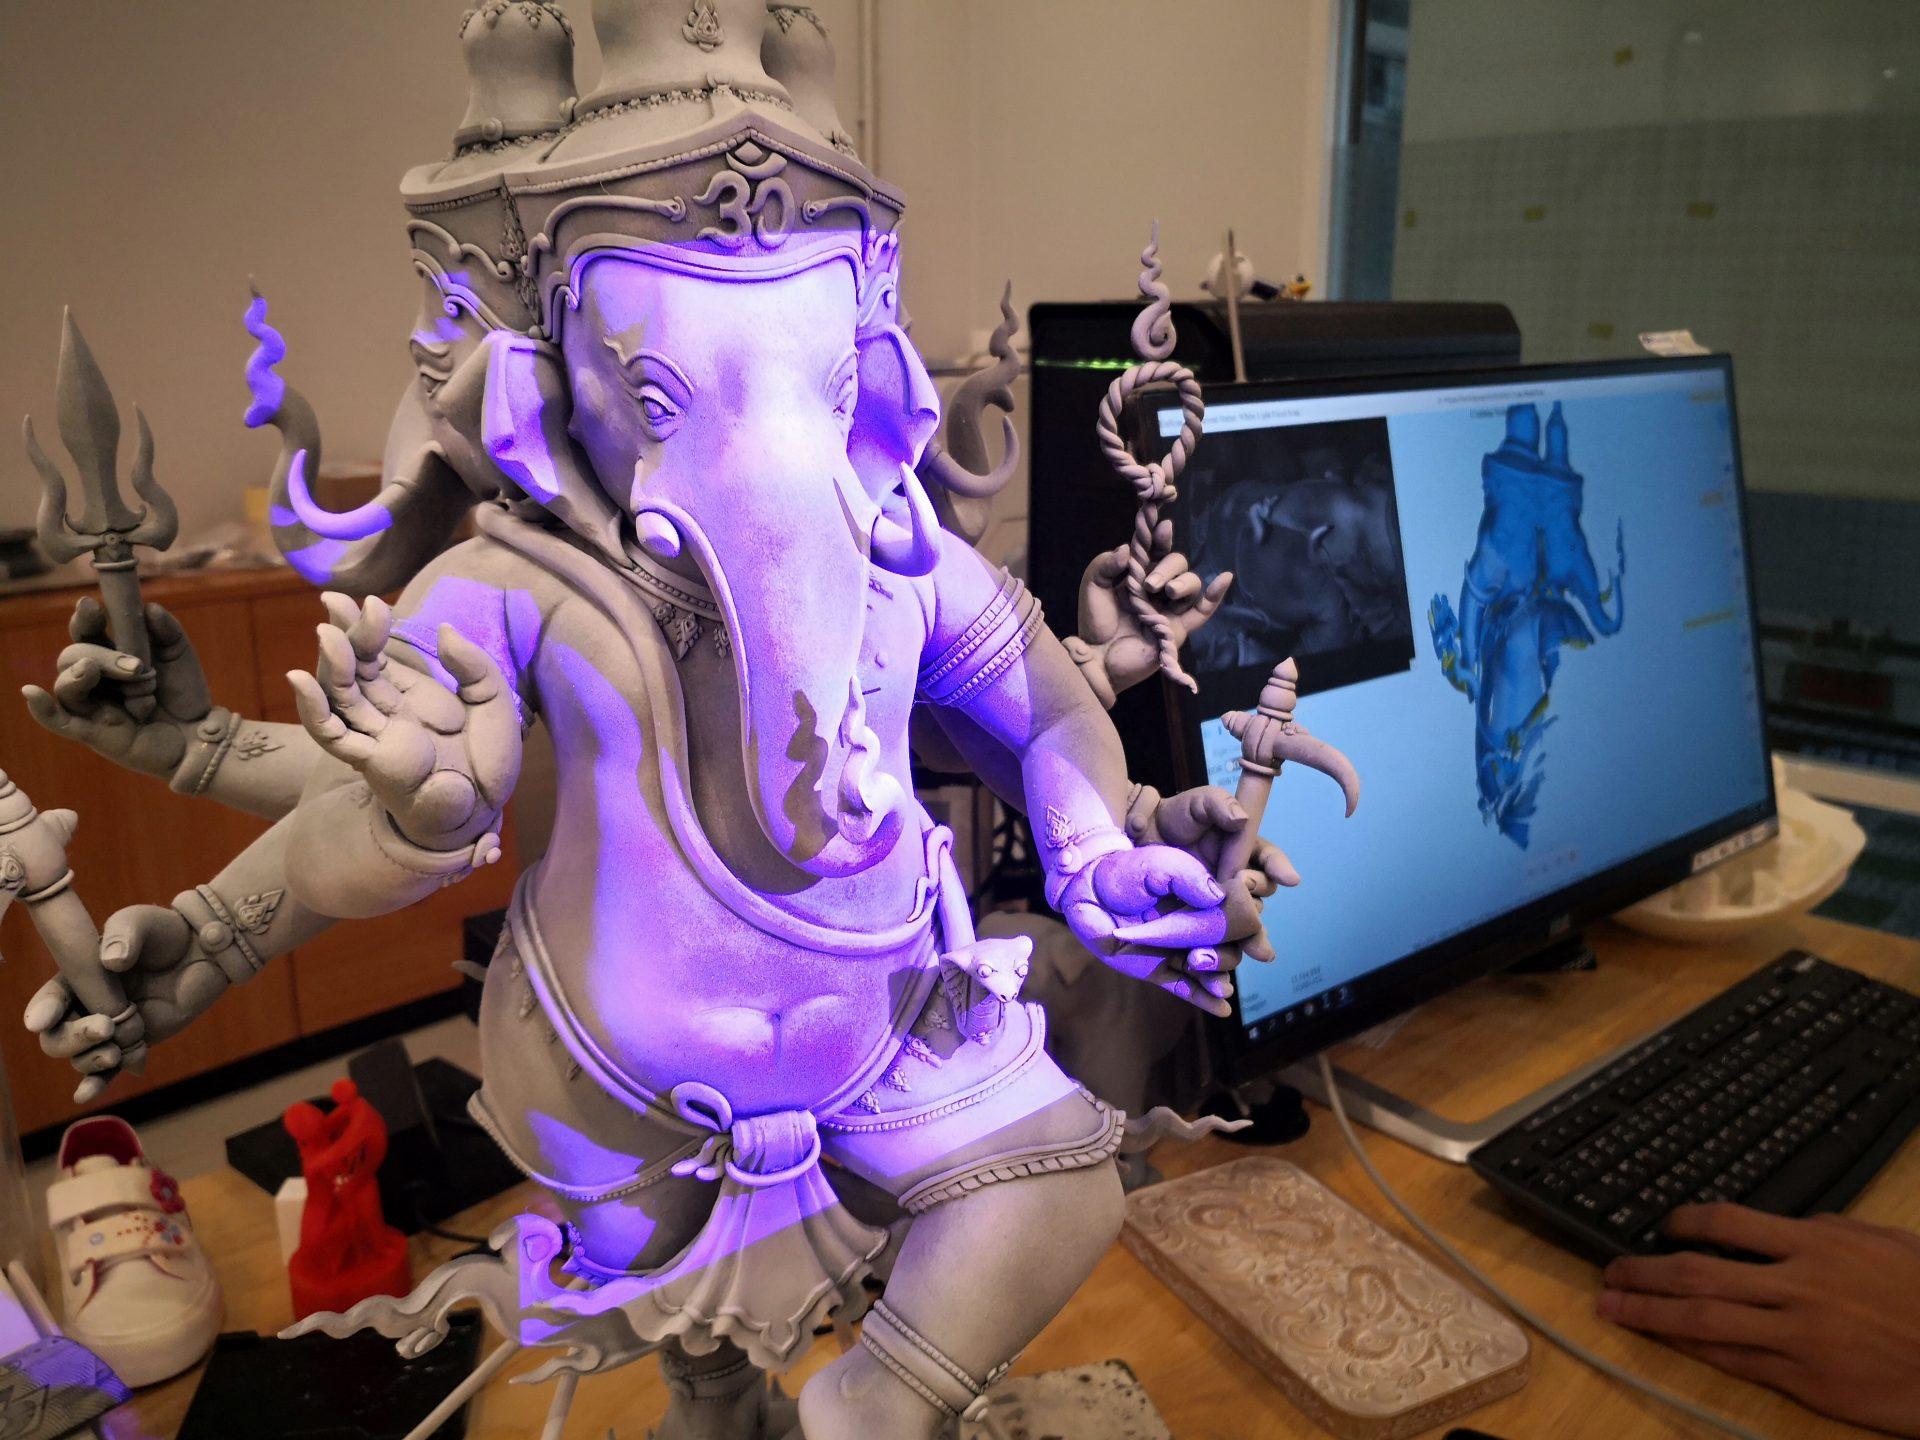 ประติมากรรม 4.0 กับ เทคโนโลยี 3D Scanner/Printer ตอน1/2 เครื่องสแกน 3มิติ